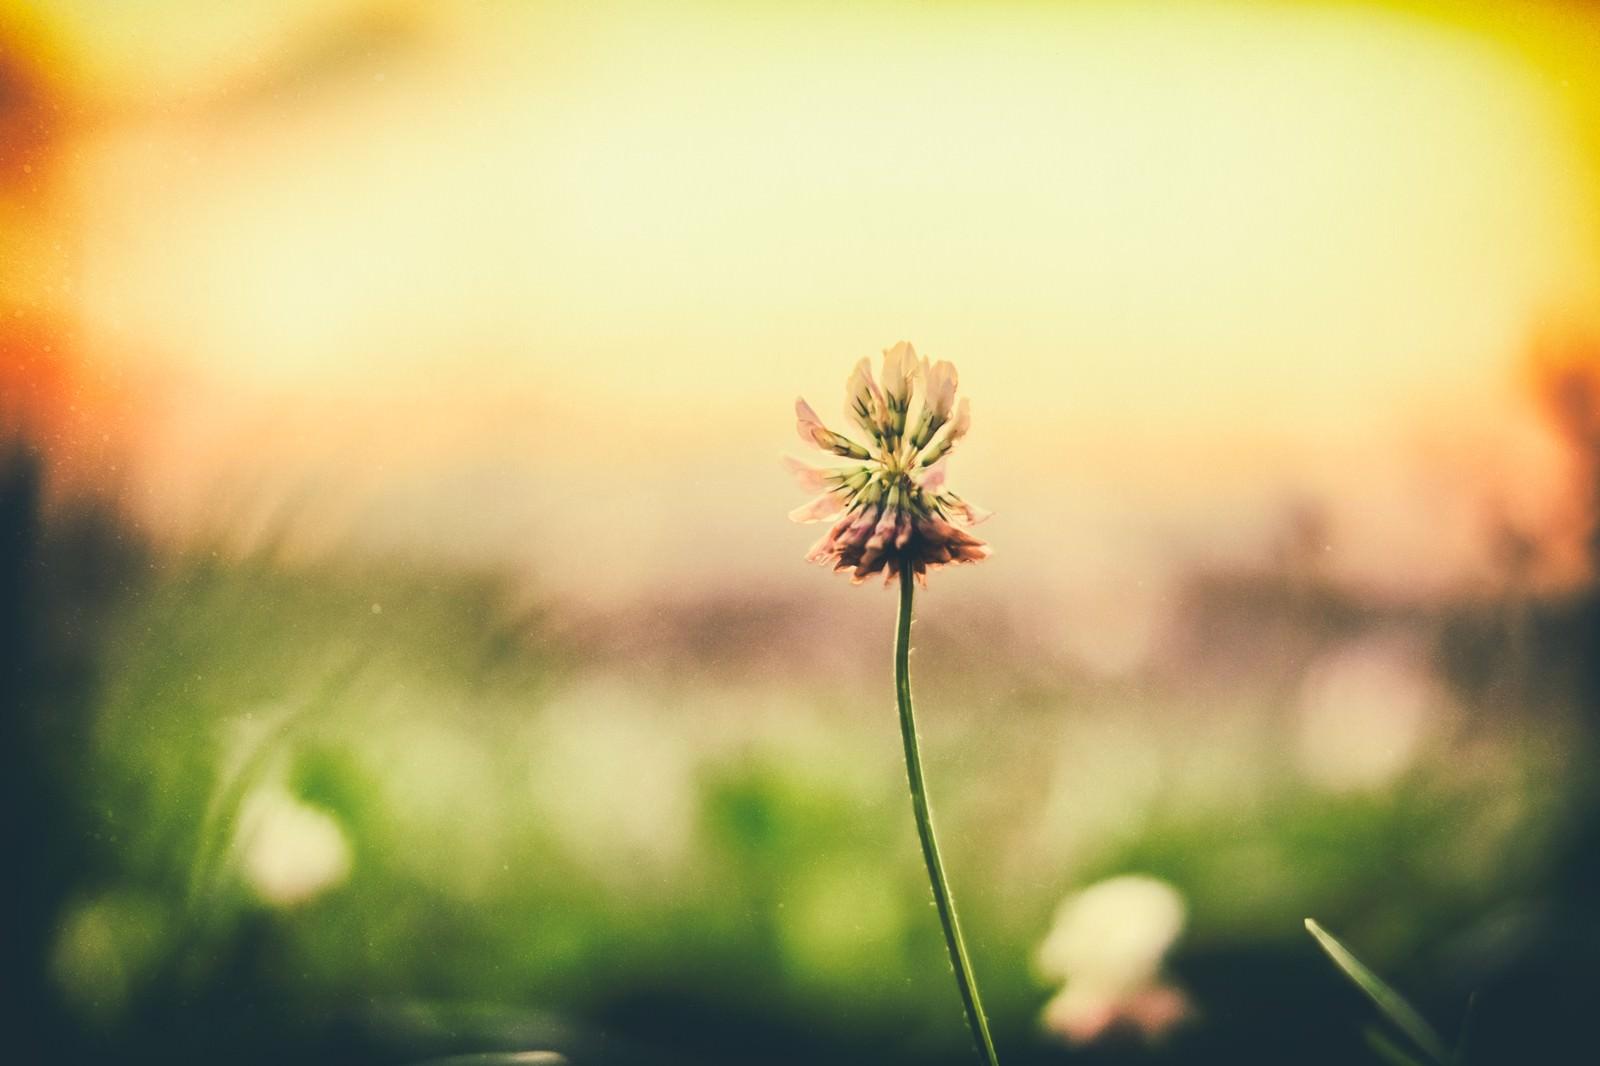 「夕焼けと野に咲く花夕焼けと野に咲く花」のフリー写真素材を拡大